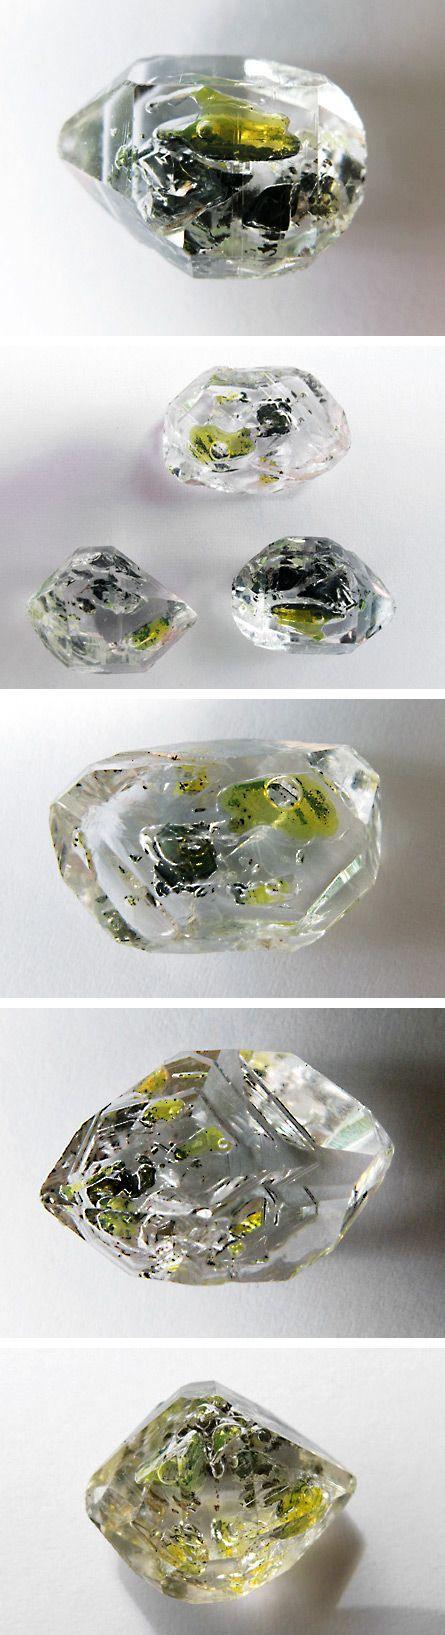 Quartz with gas/oil inclusions 4.DA.05   4: OXIDEN (Hydroxide, V [5,6] Vanadate, Arsenite, Antimonite, Wismuthite, Sulfite, Selenite, Tellurite, Iodate)  D: Metall: Sauerstoff = 1: 2 und ähnliches  A: Mit kleinen Kationen: Silica Familie